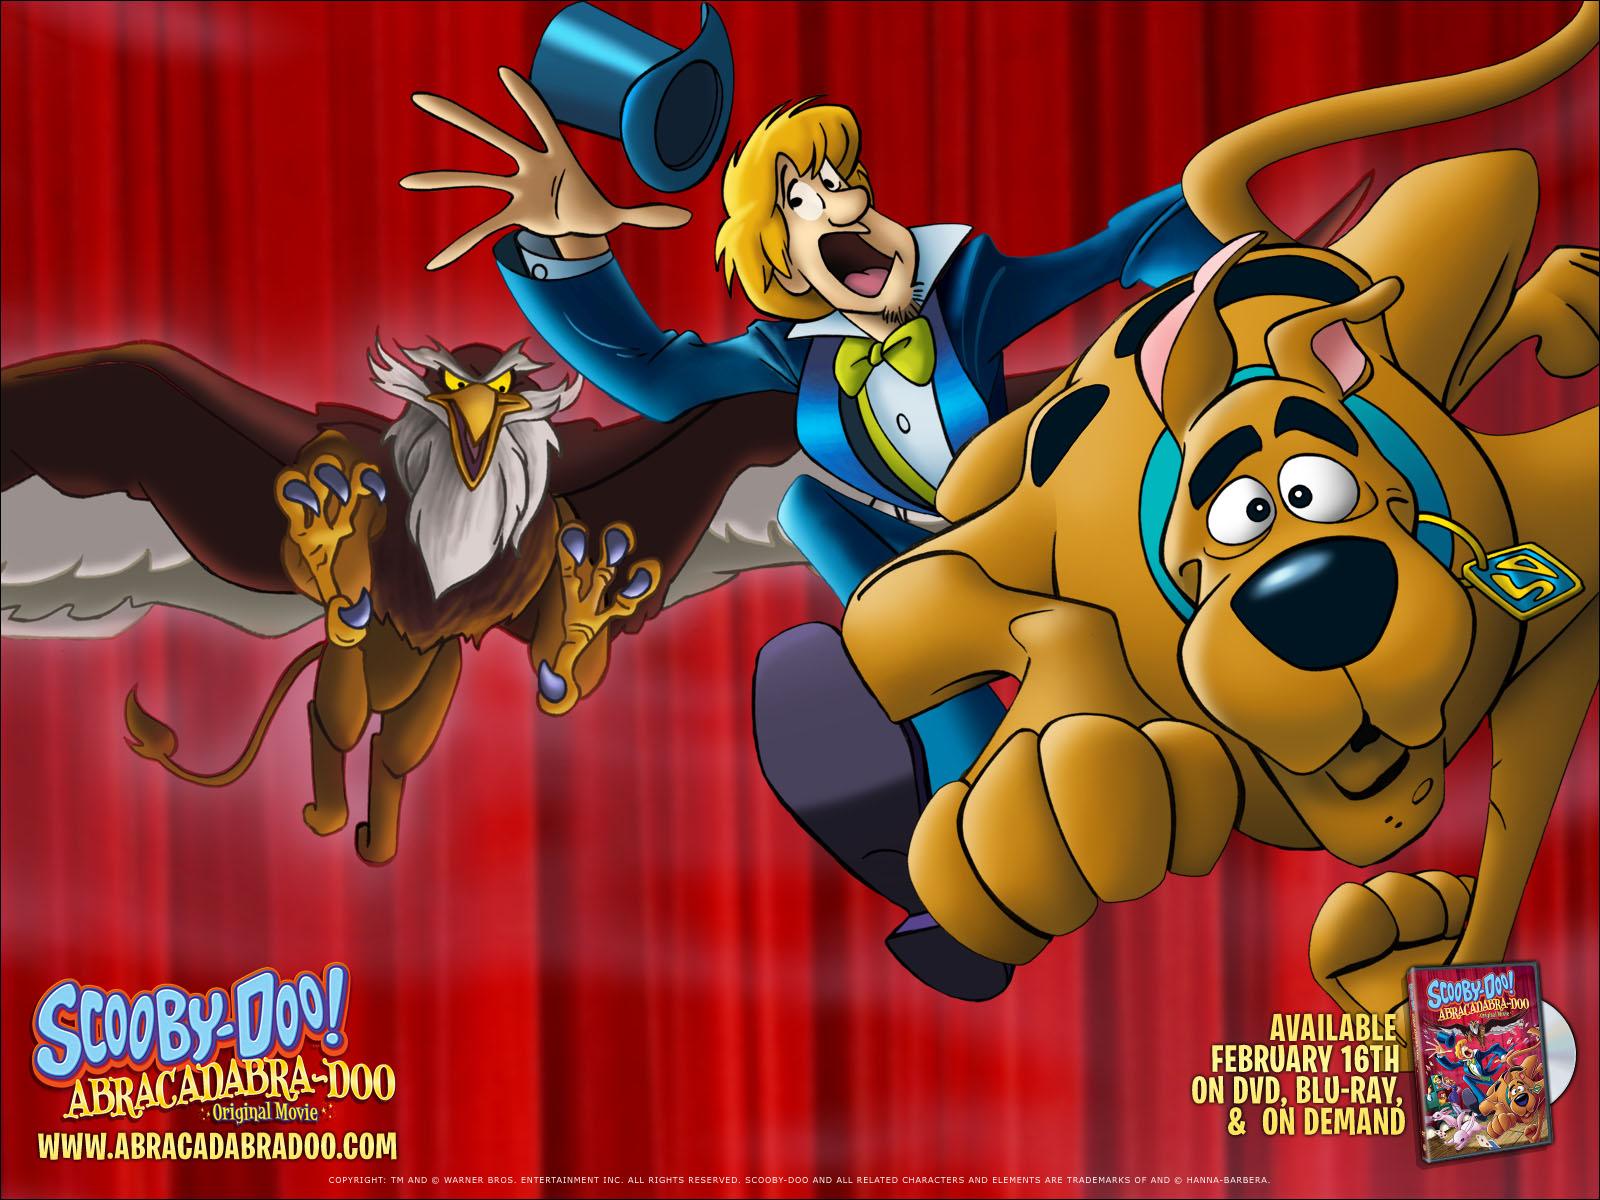 Best Wallpaper Halloween Scooby Doo - Scooby_Doo_Abracadabra  Pic_8310098.jpg